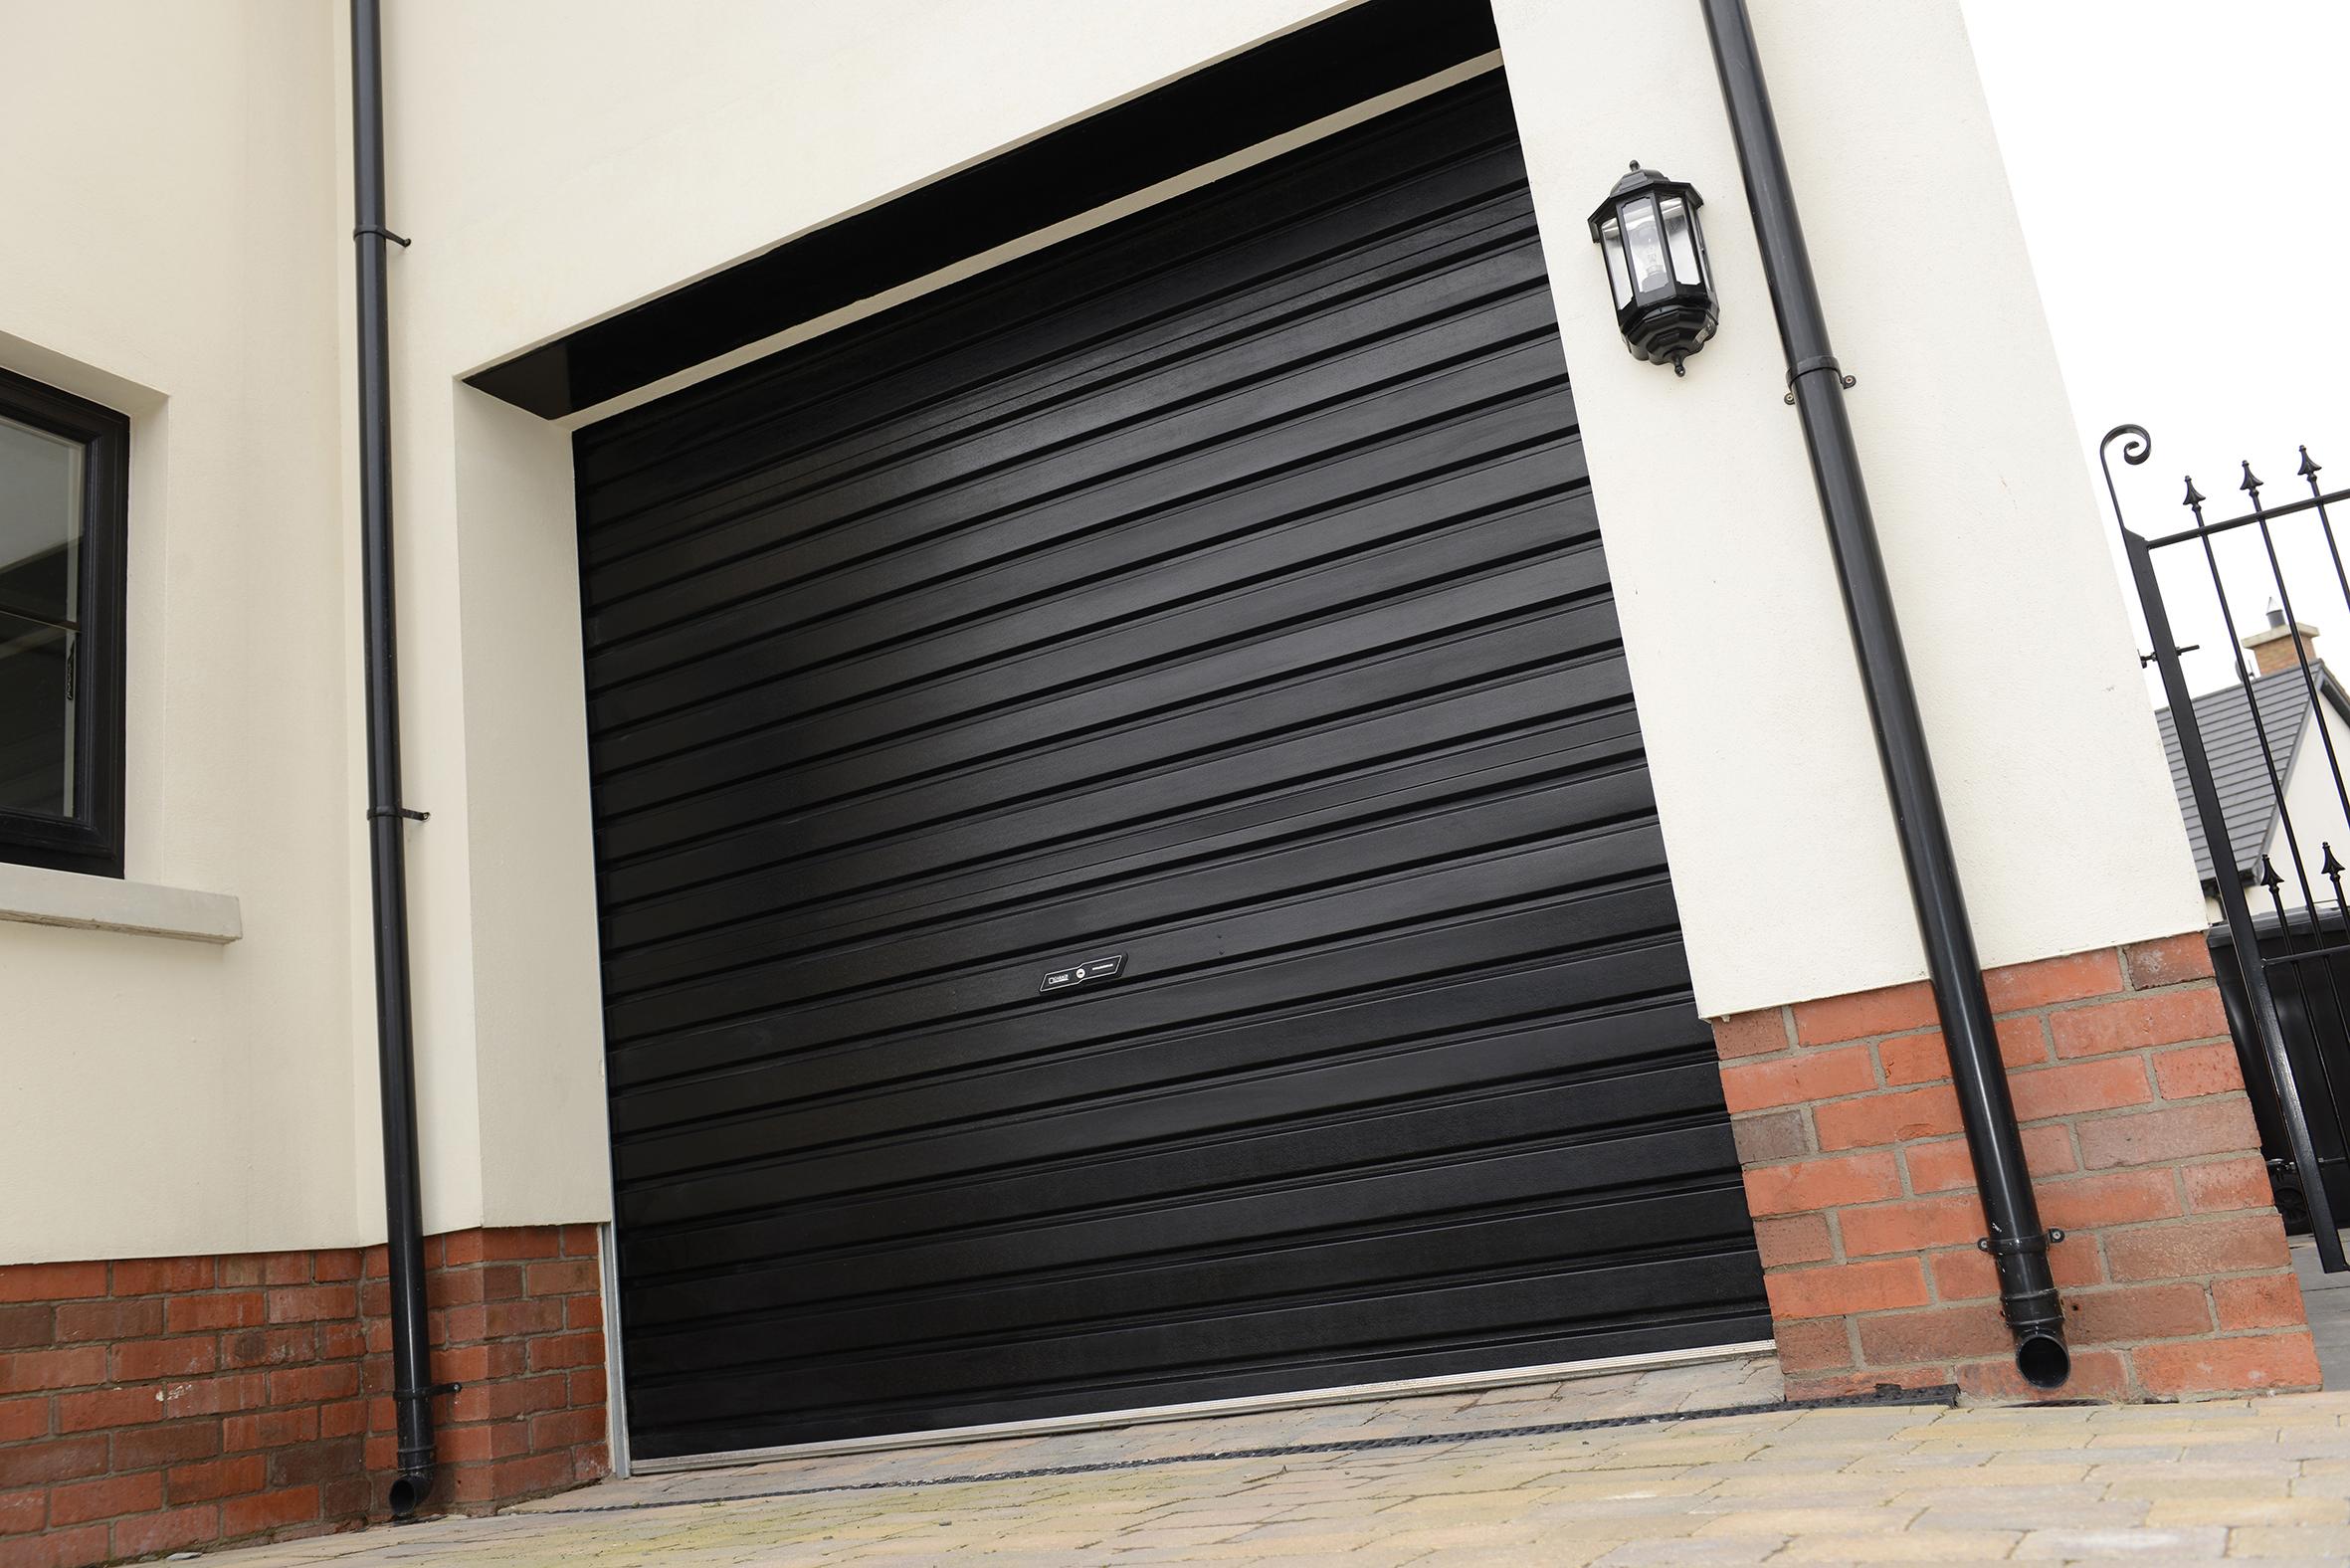 1576 #8F533C Superb Online Prices Now For This Market Leading Roller Garage Door  wallpaper Electric Garage Doors Cost 36452362